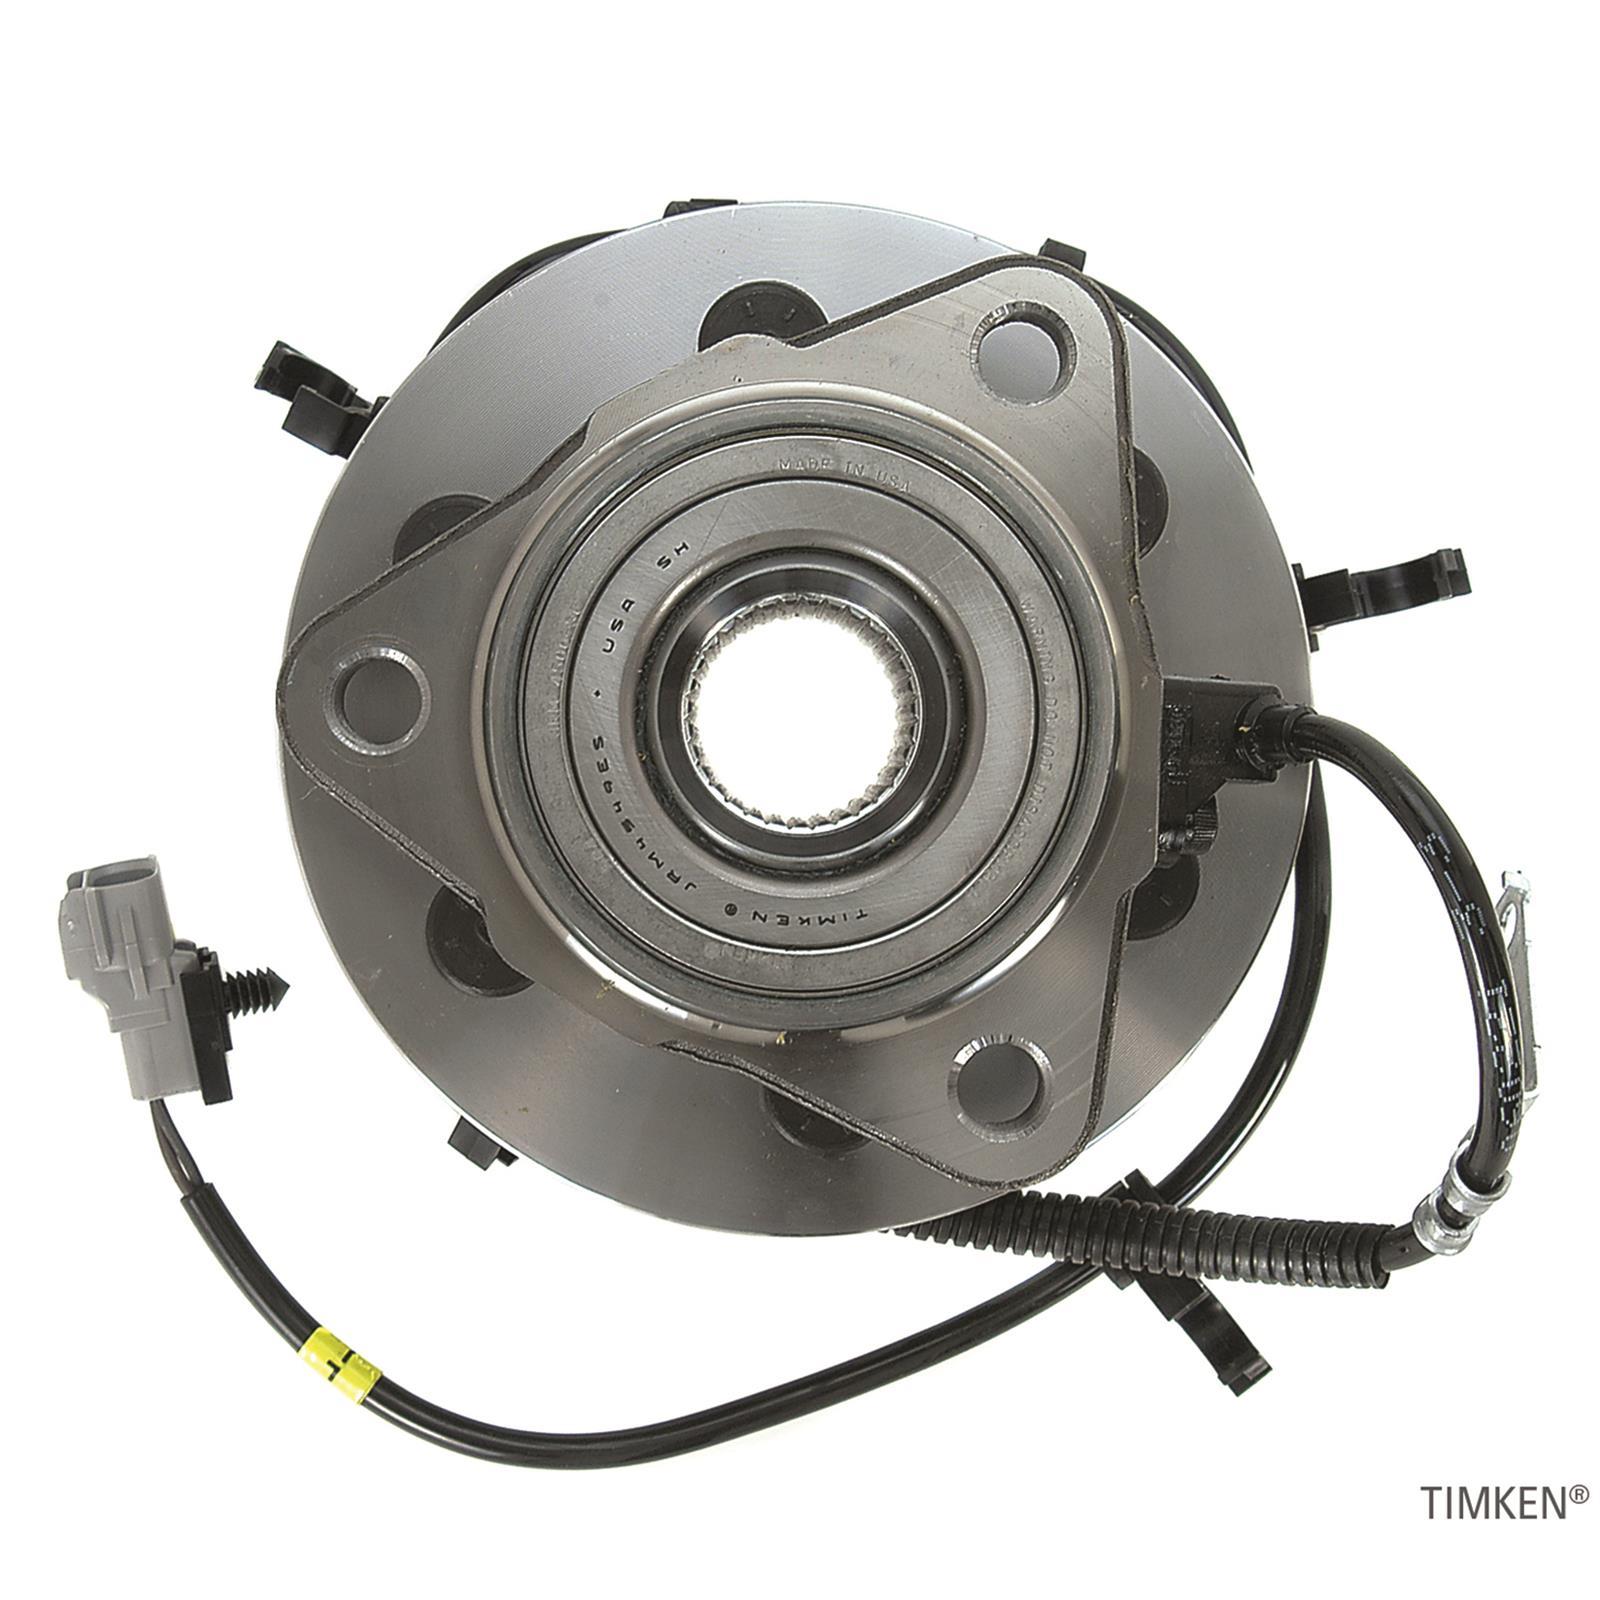 DODGE DAKOTA Timken Wheel Bearing and Hub Assemblies SP450101